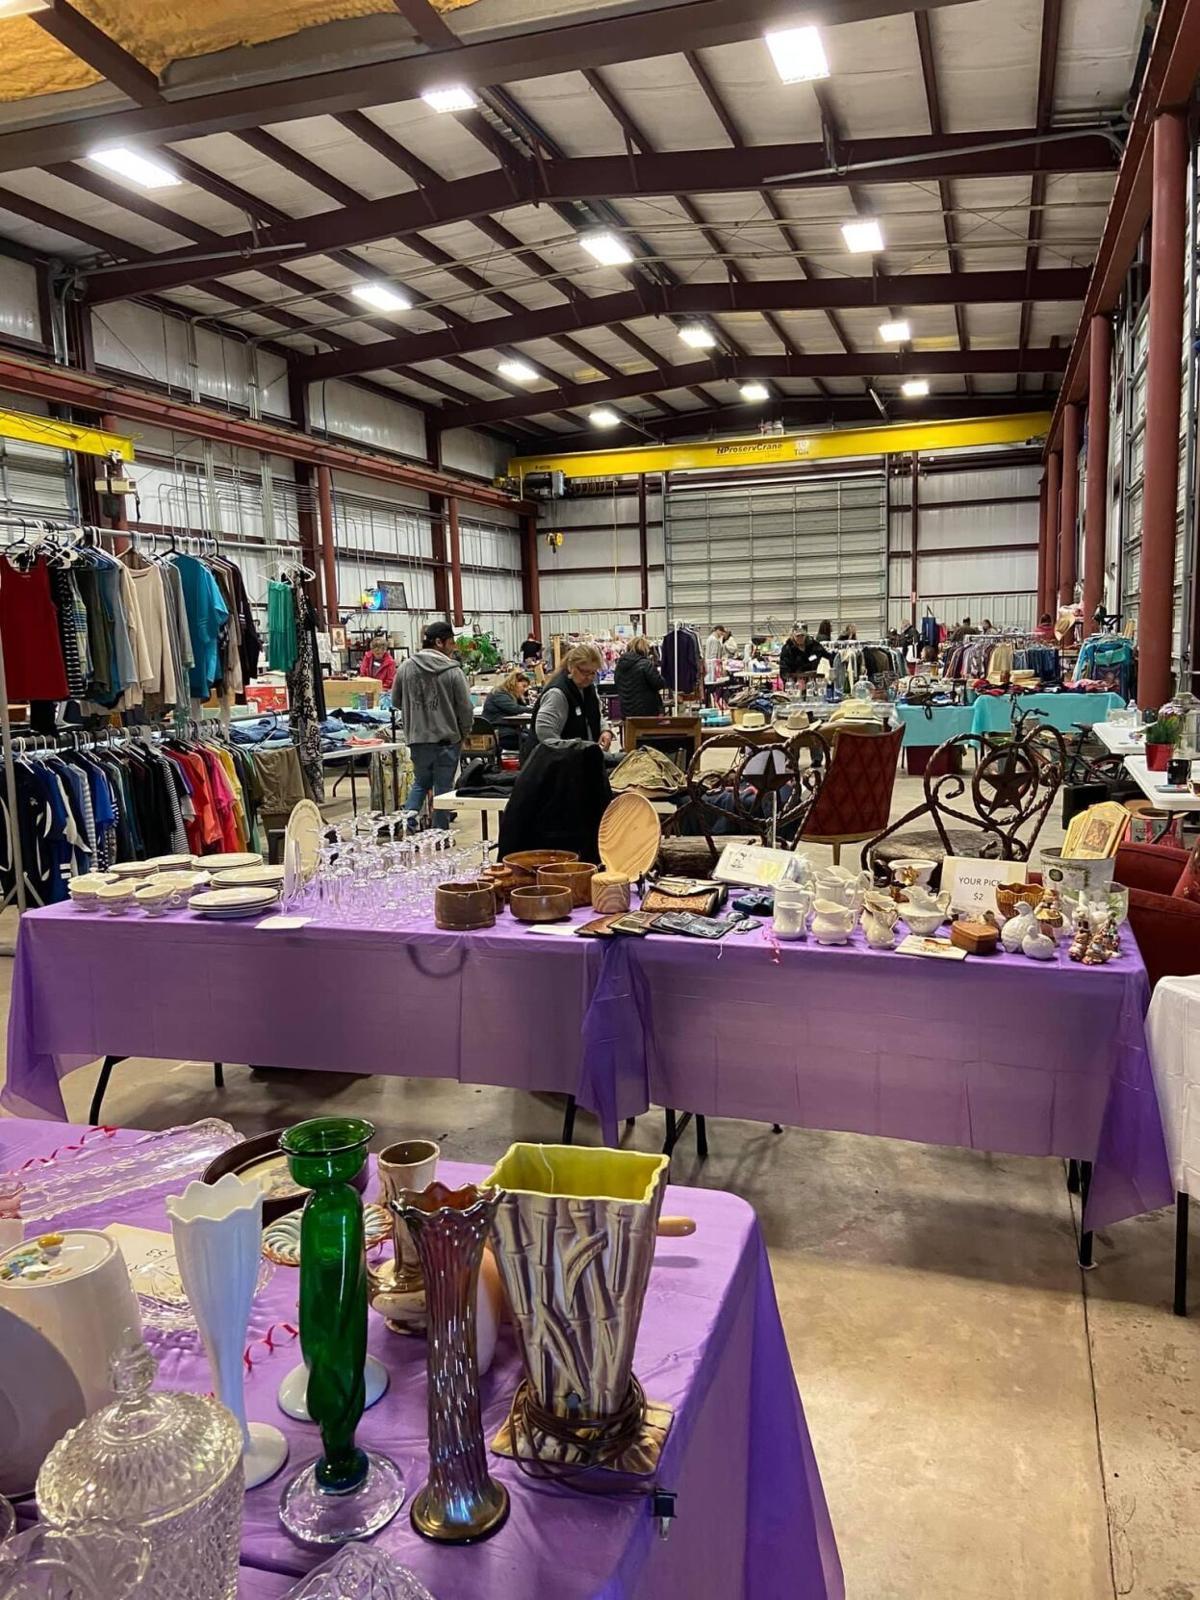 Schroeder Community Garage Sale and Flea Market